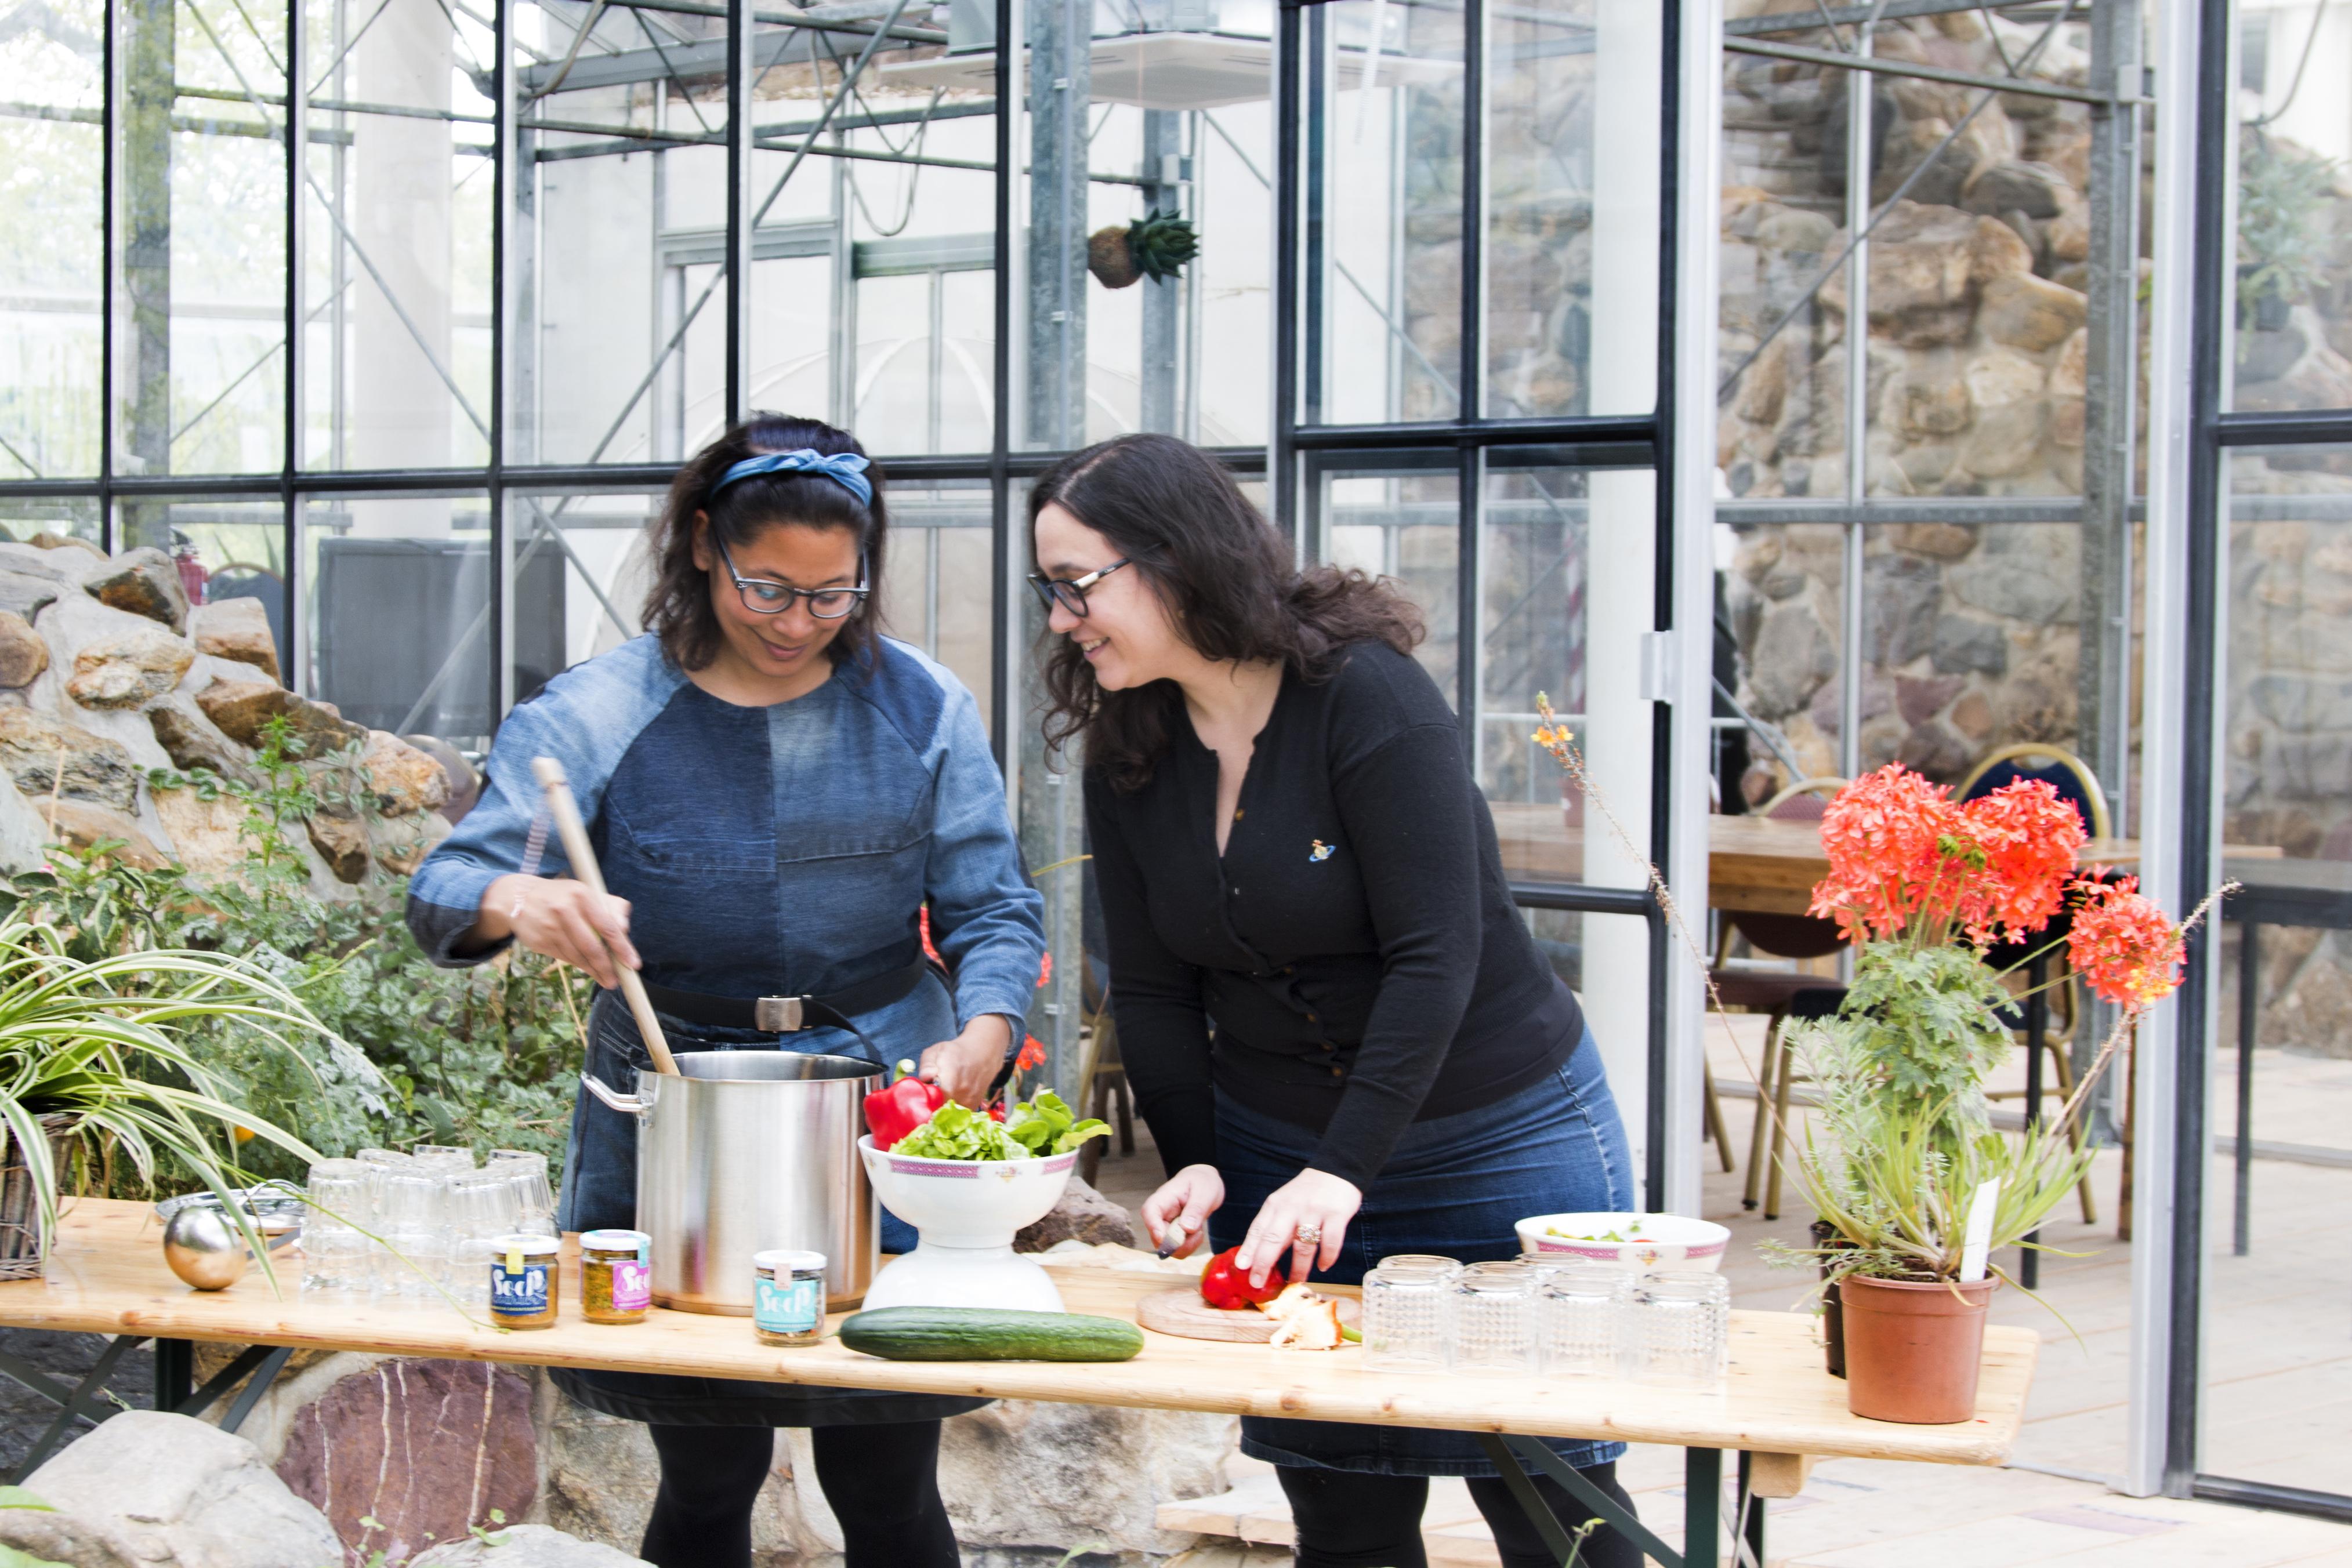 Soephoofd Diana van Ewijk en Sarina Karouw geven workshop vegan bouillon maken